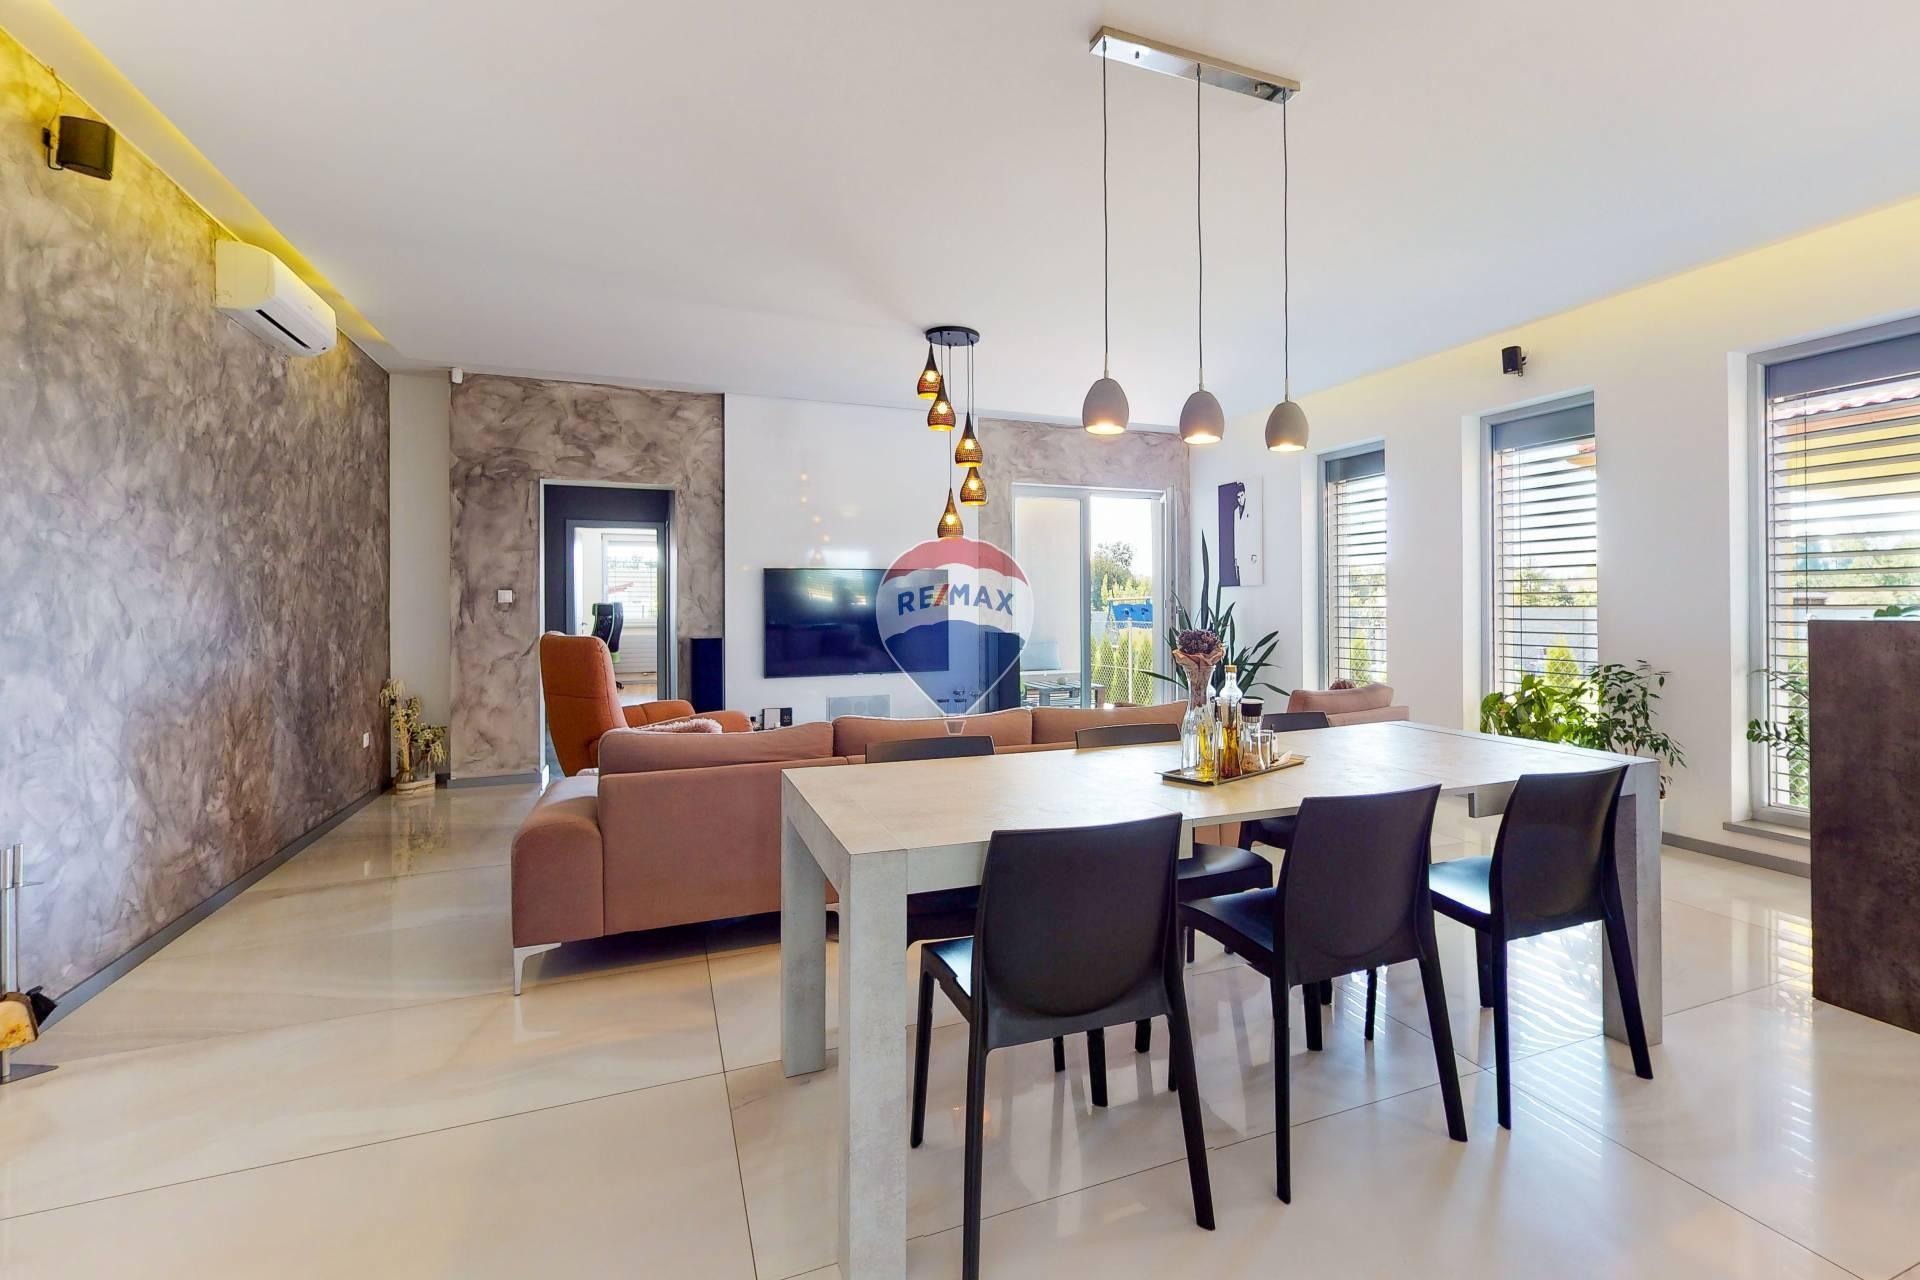 Predaj domu 221 m2, Cífer - obývačka